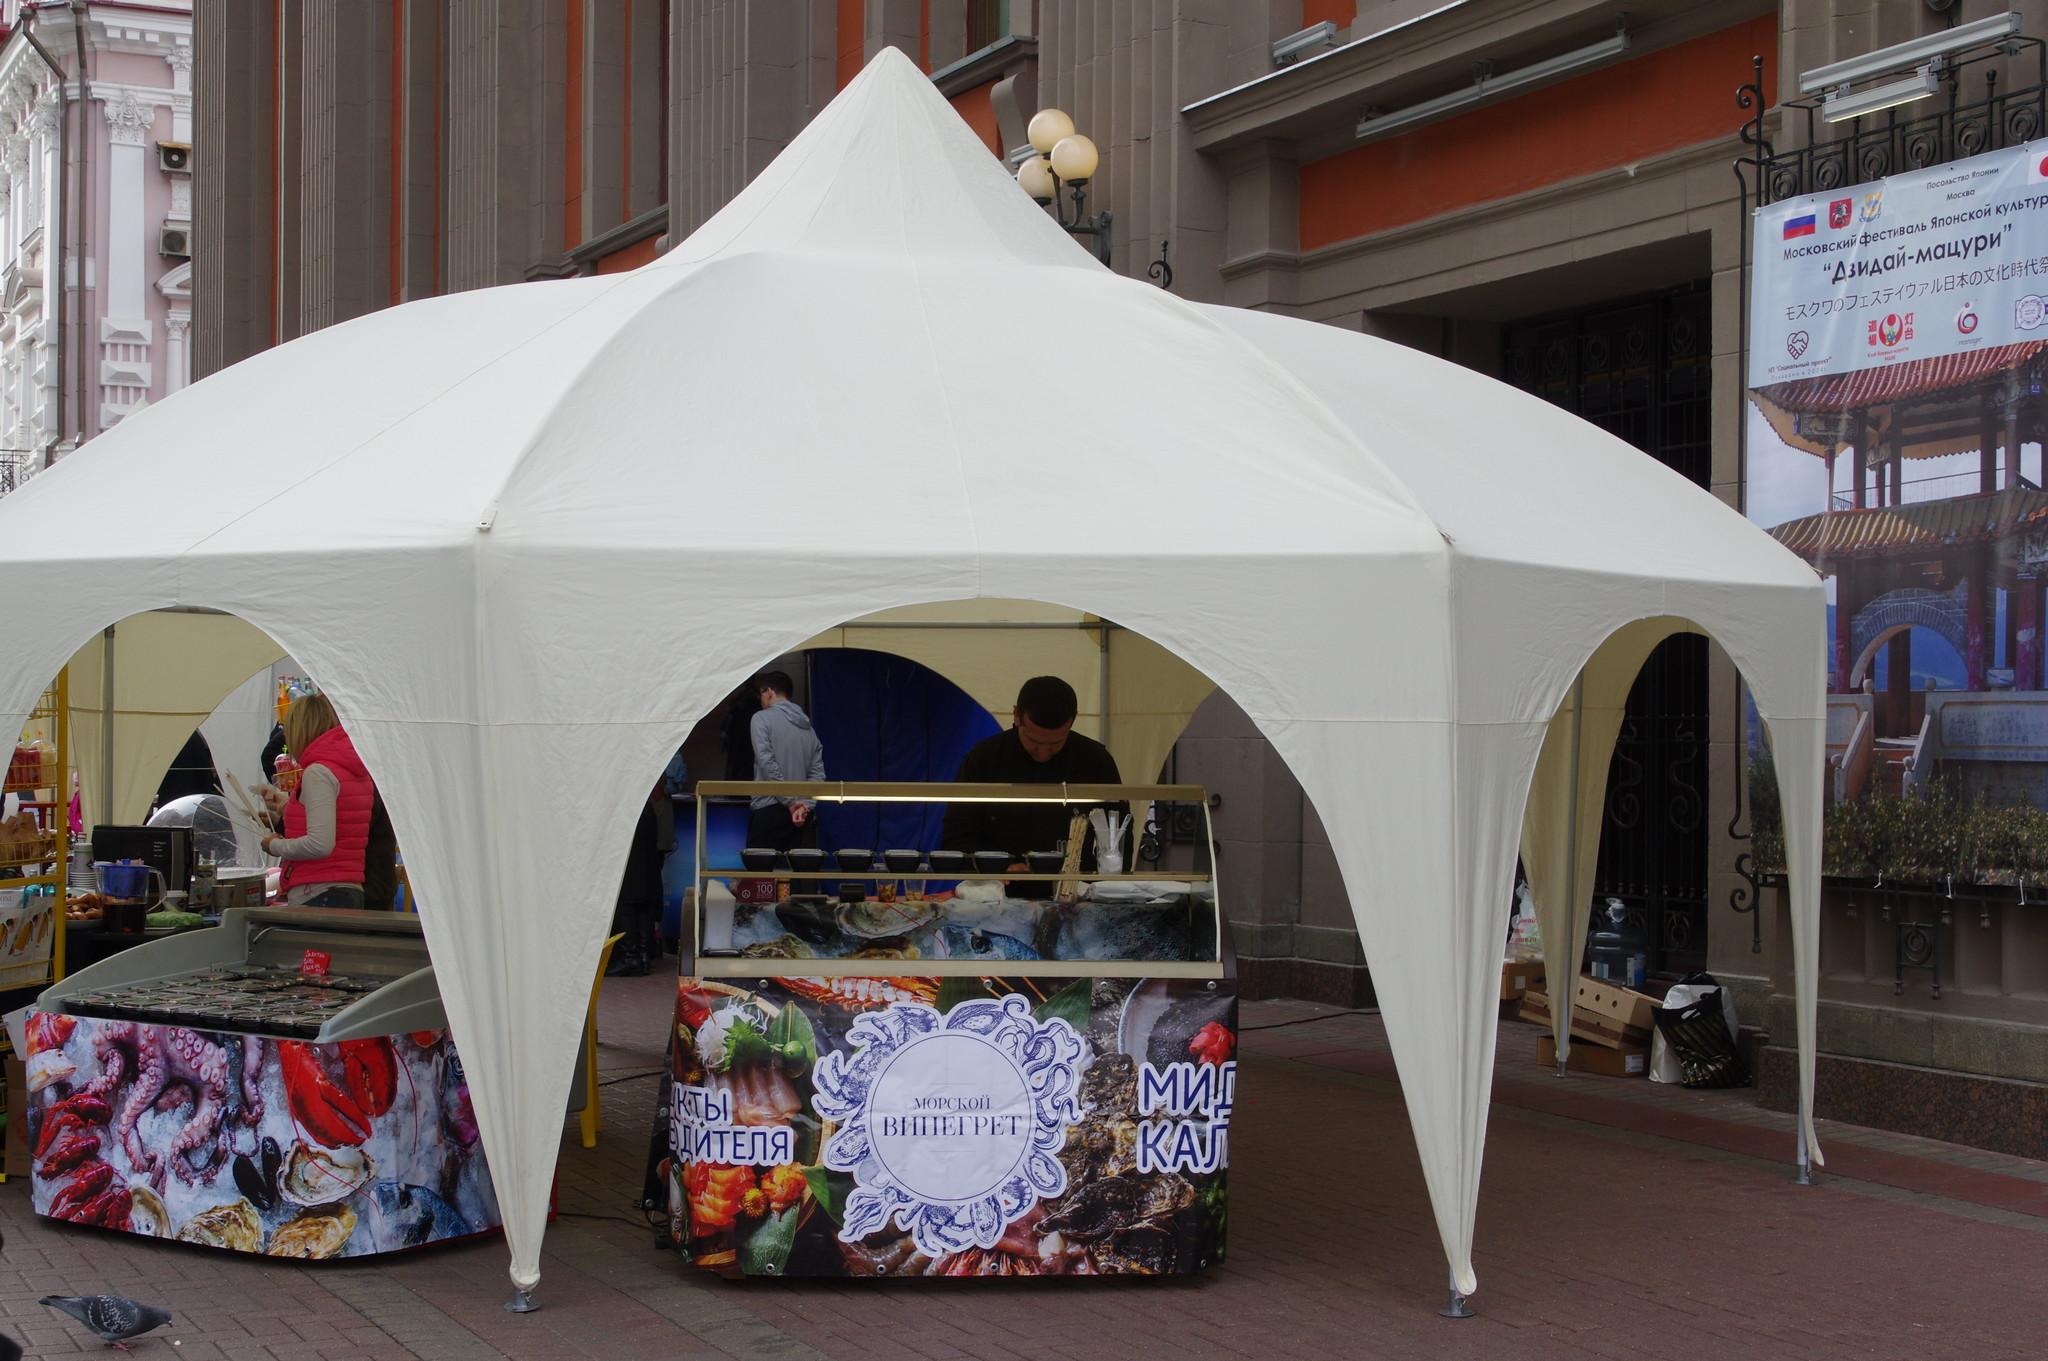 Московский фестиваль Японской культуры «Дзидай-мацури»